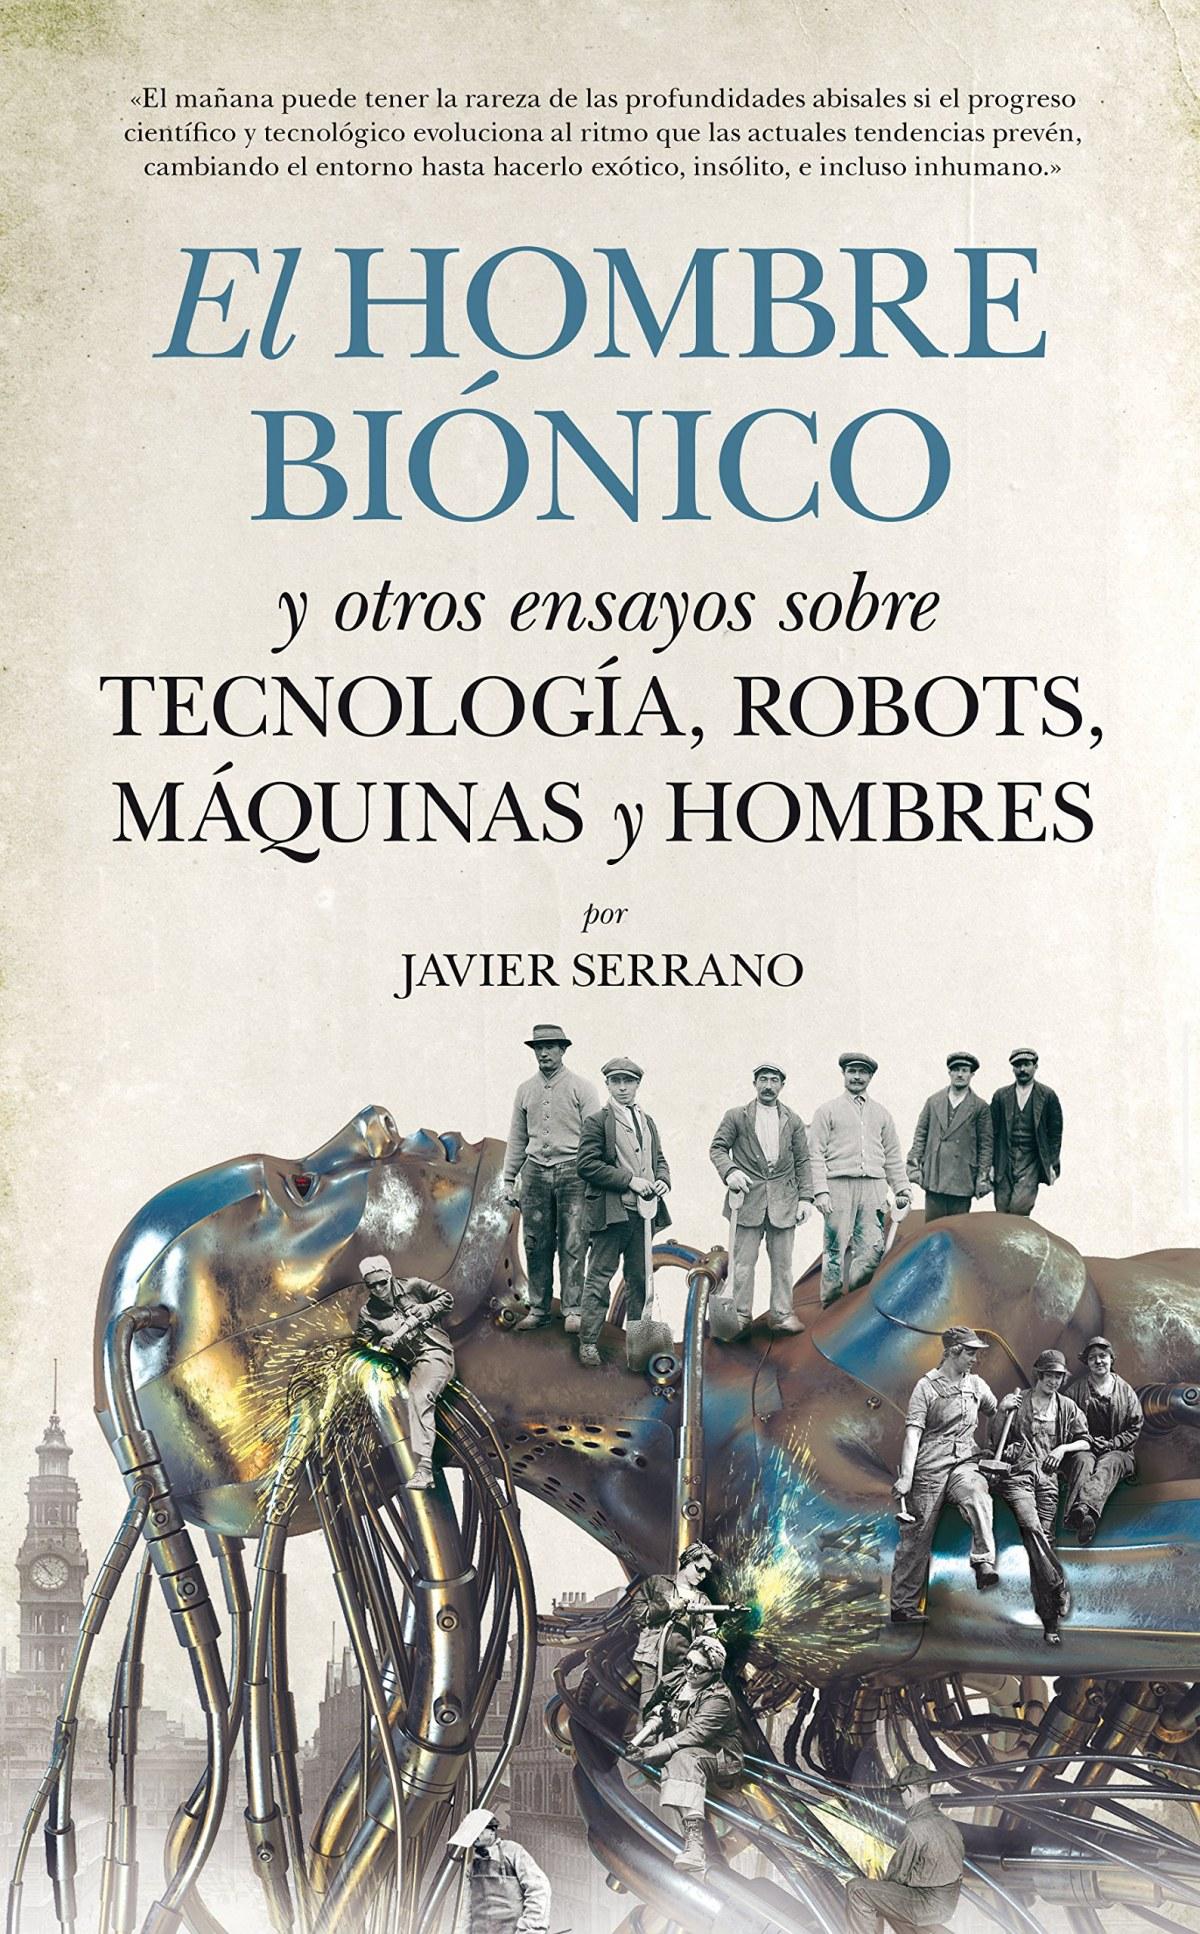 El hombre biónico y otros ensayos sobre tecnología, robots, maquinas y hombres